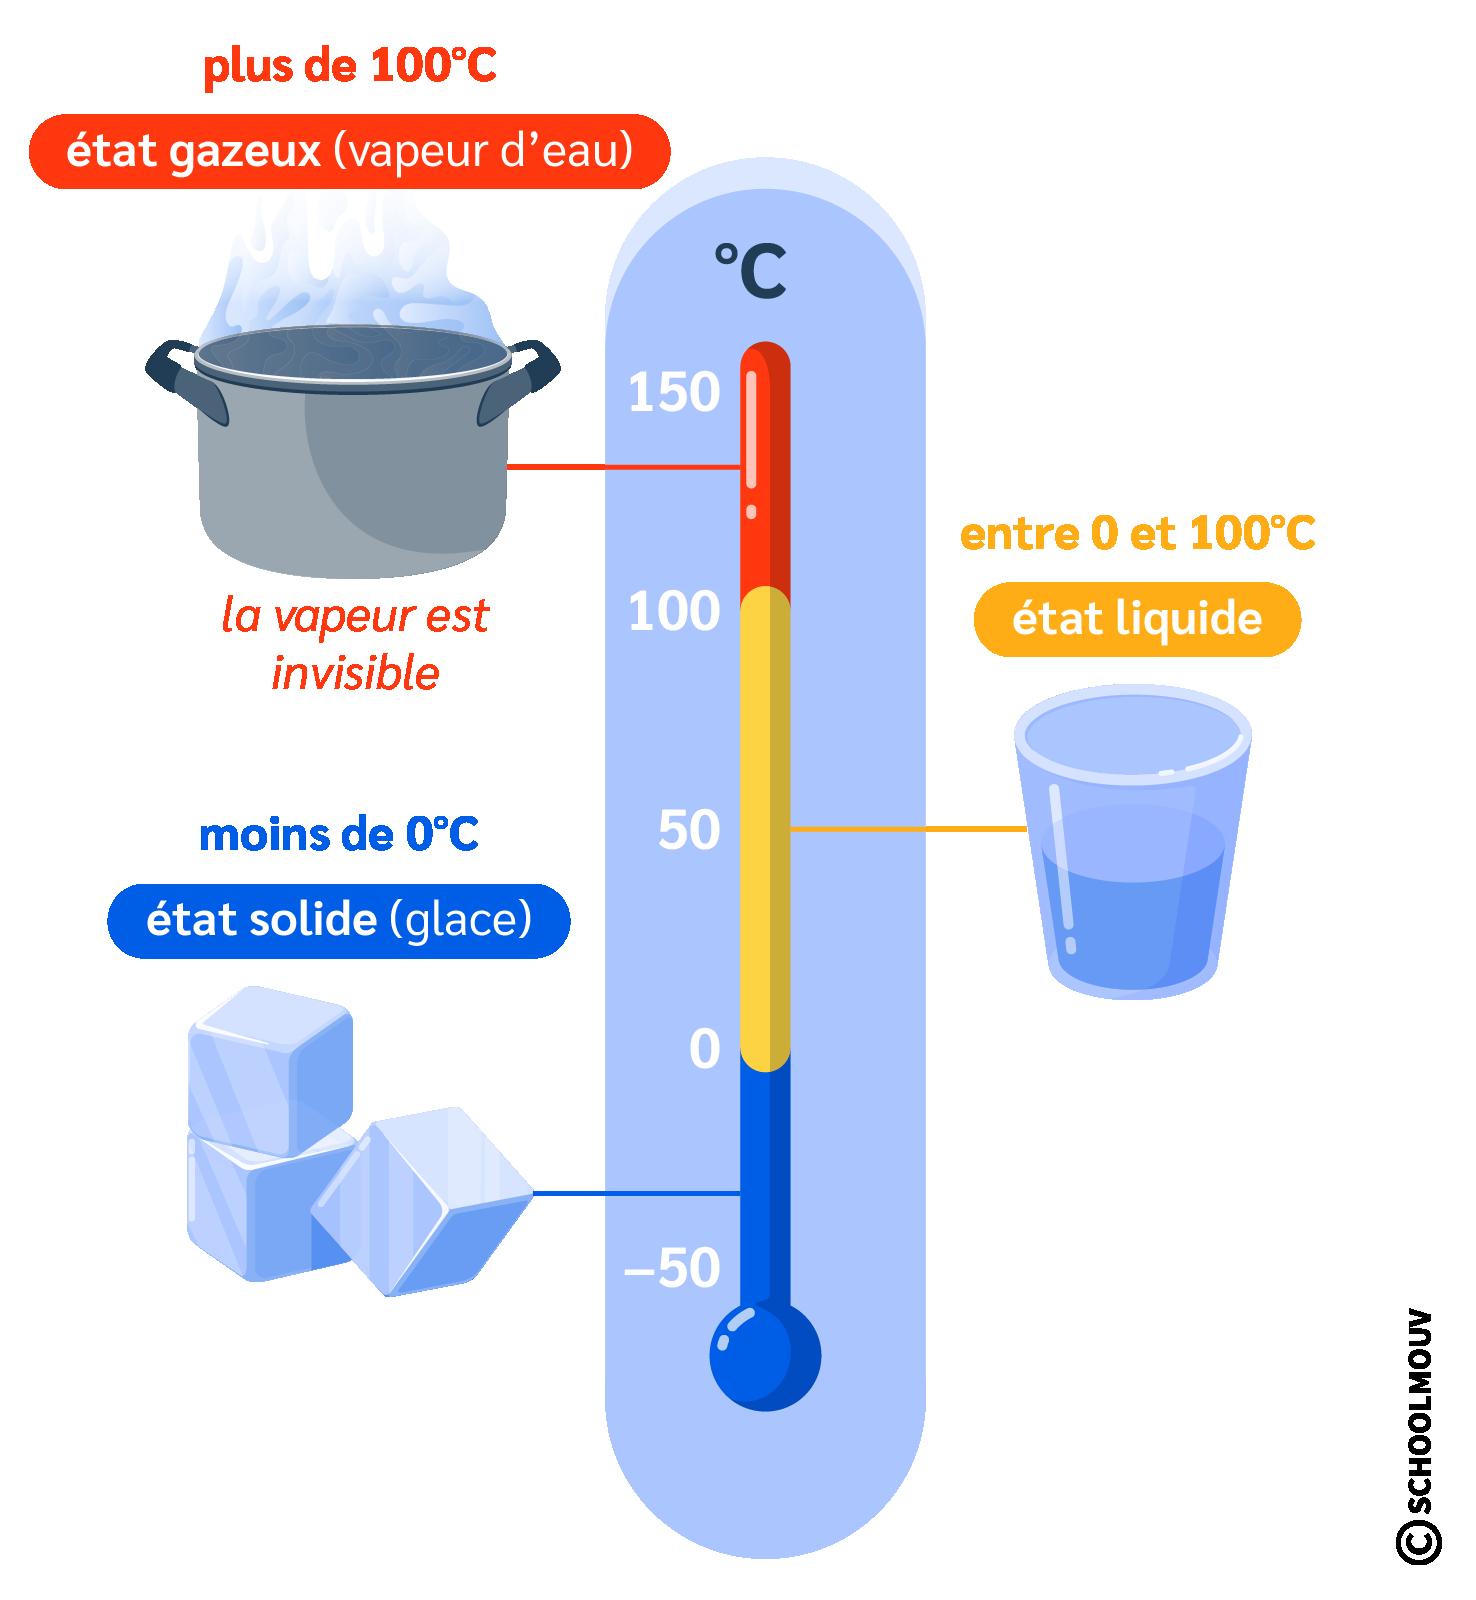 primaire cm2 sciences et technologie les états et les changements d'état de la matière solide liquide gaz